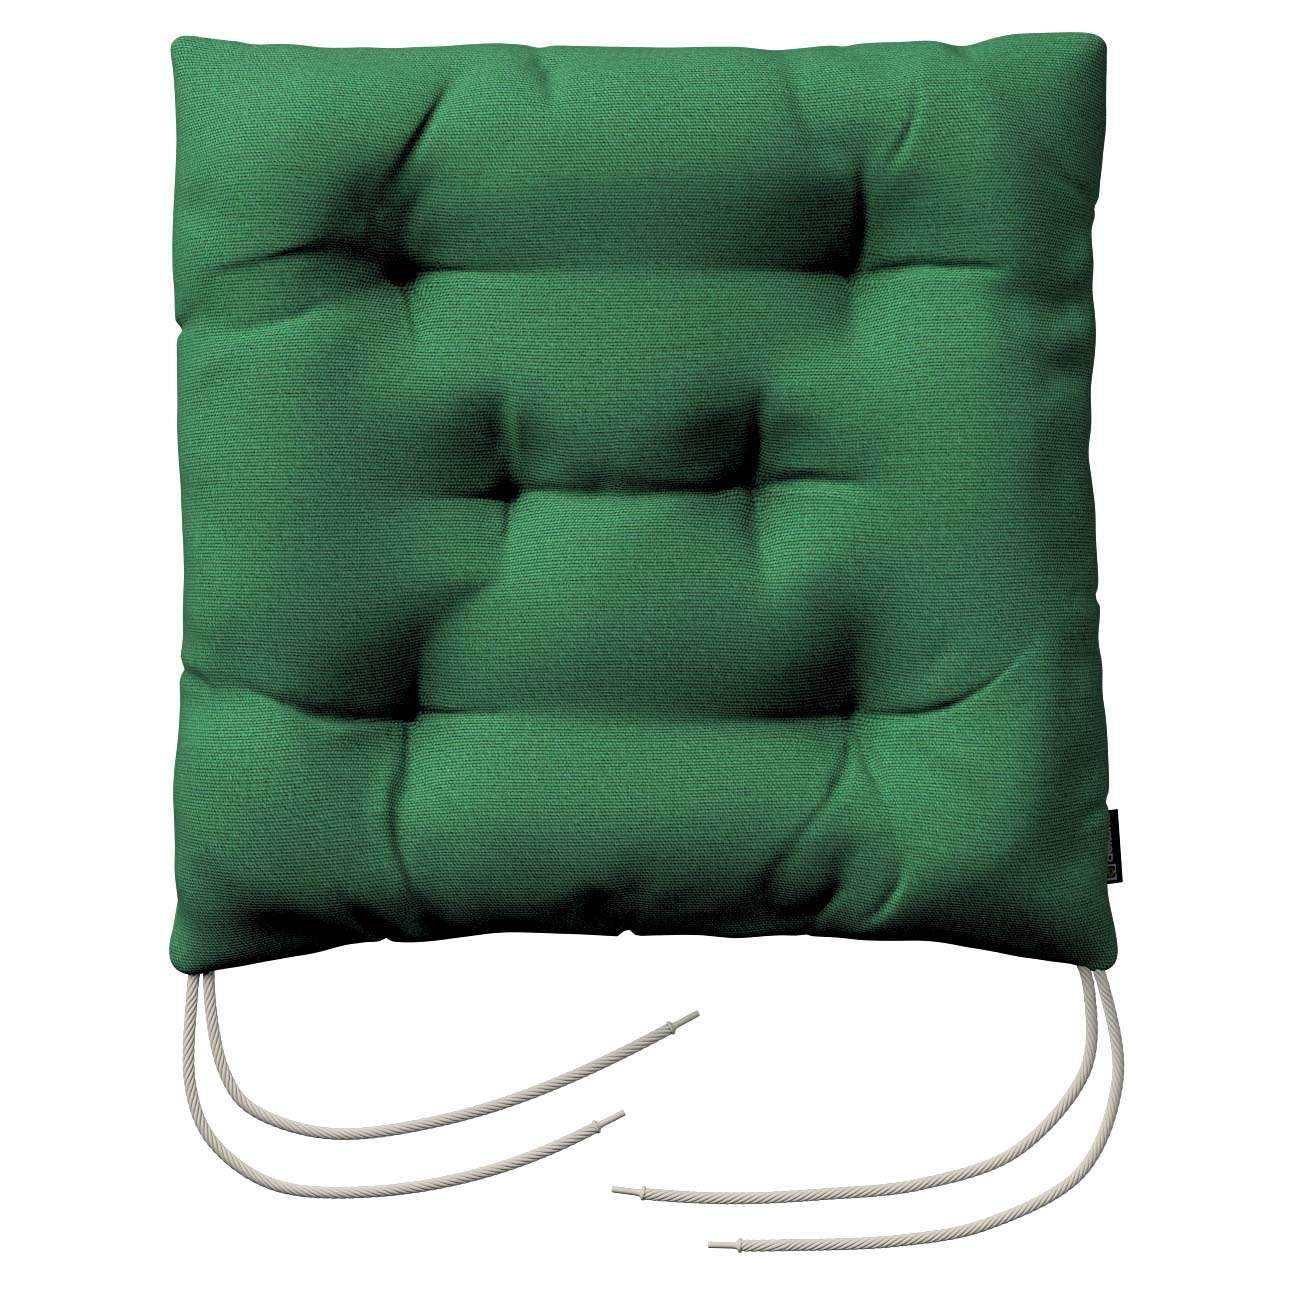 Siedzisko Jacek na krzesło 38x38x8cm w kolekcji Loneta, tkanina: 133-18